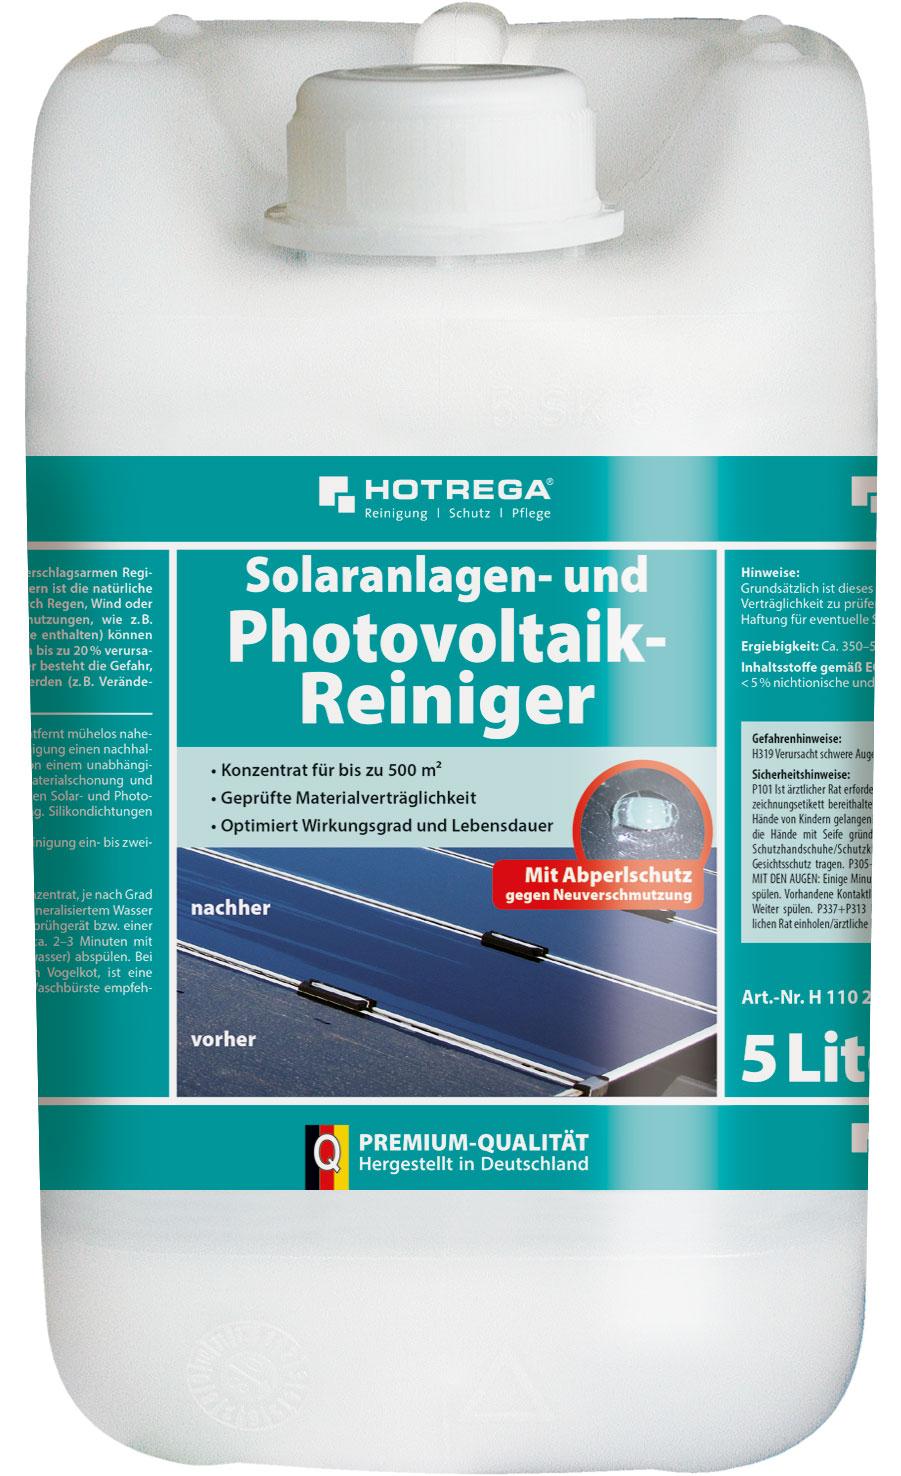 Photovoltaikanlagen Reiniger im 5 Liter Kanister (Konzentrat)